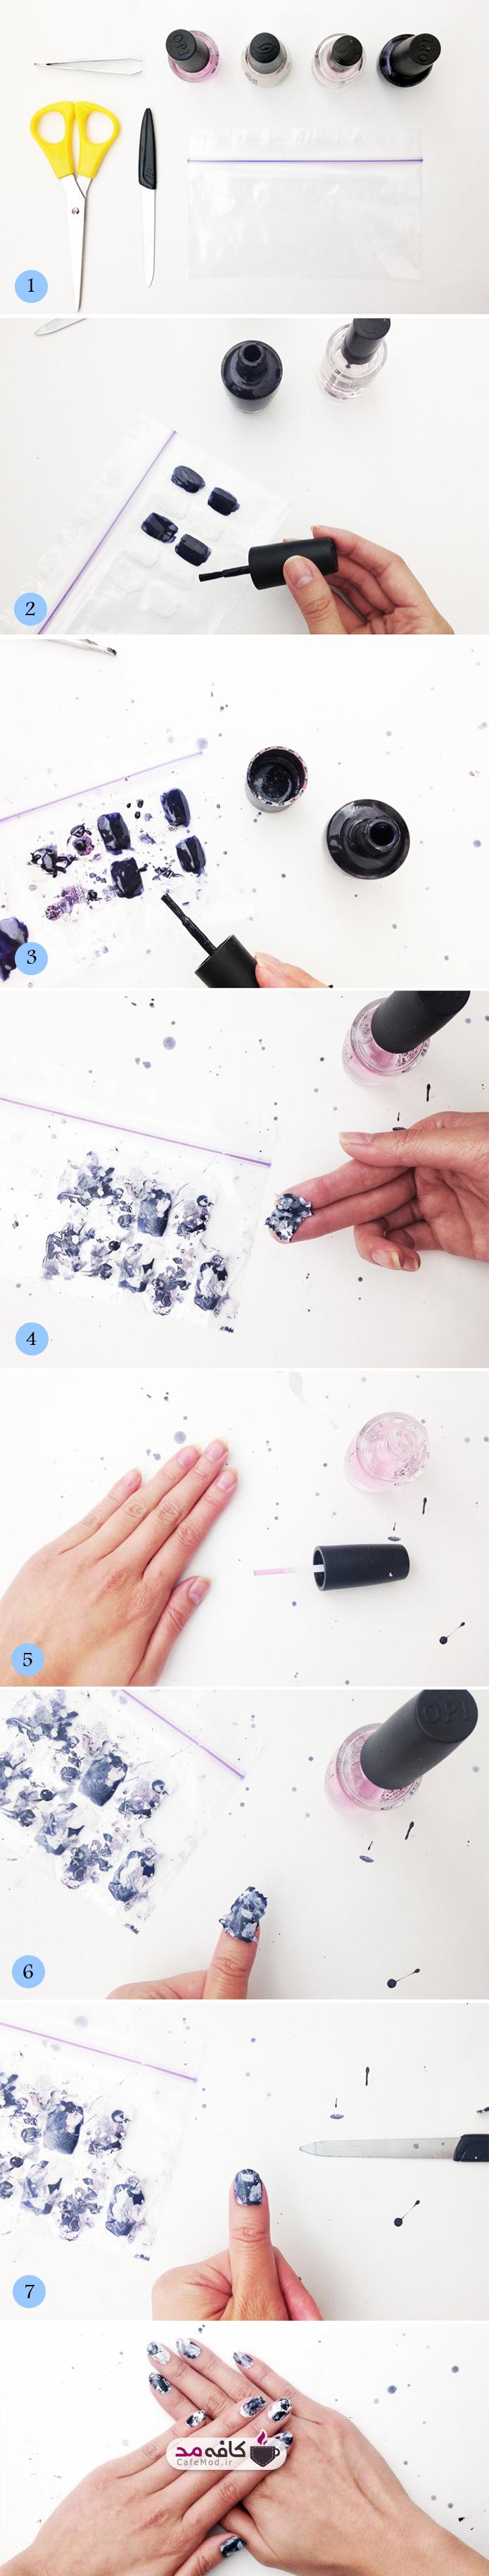 آموزش تصویری آرایش ناخن ابروبادی